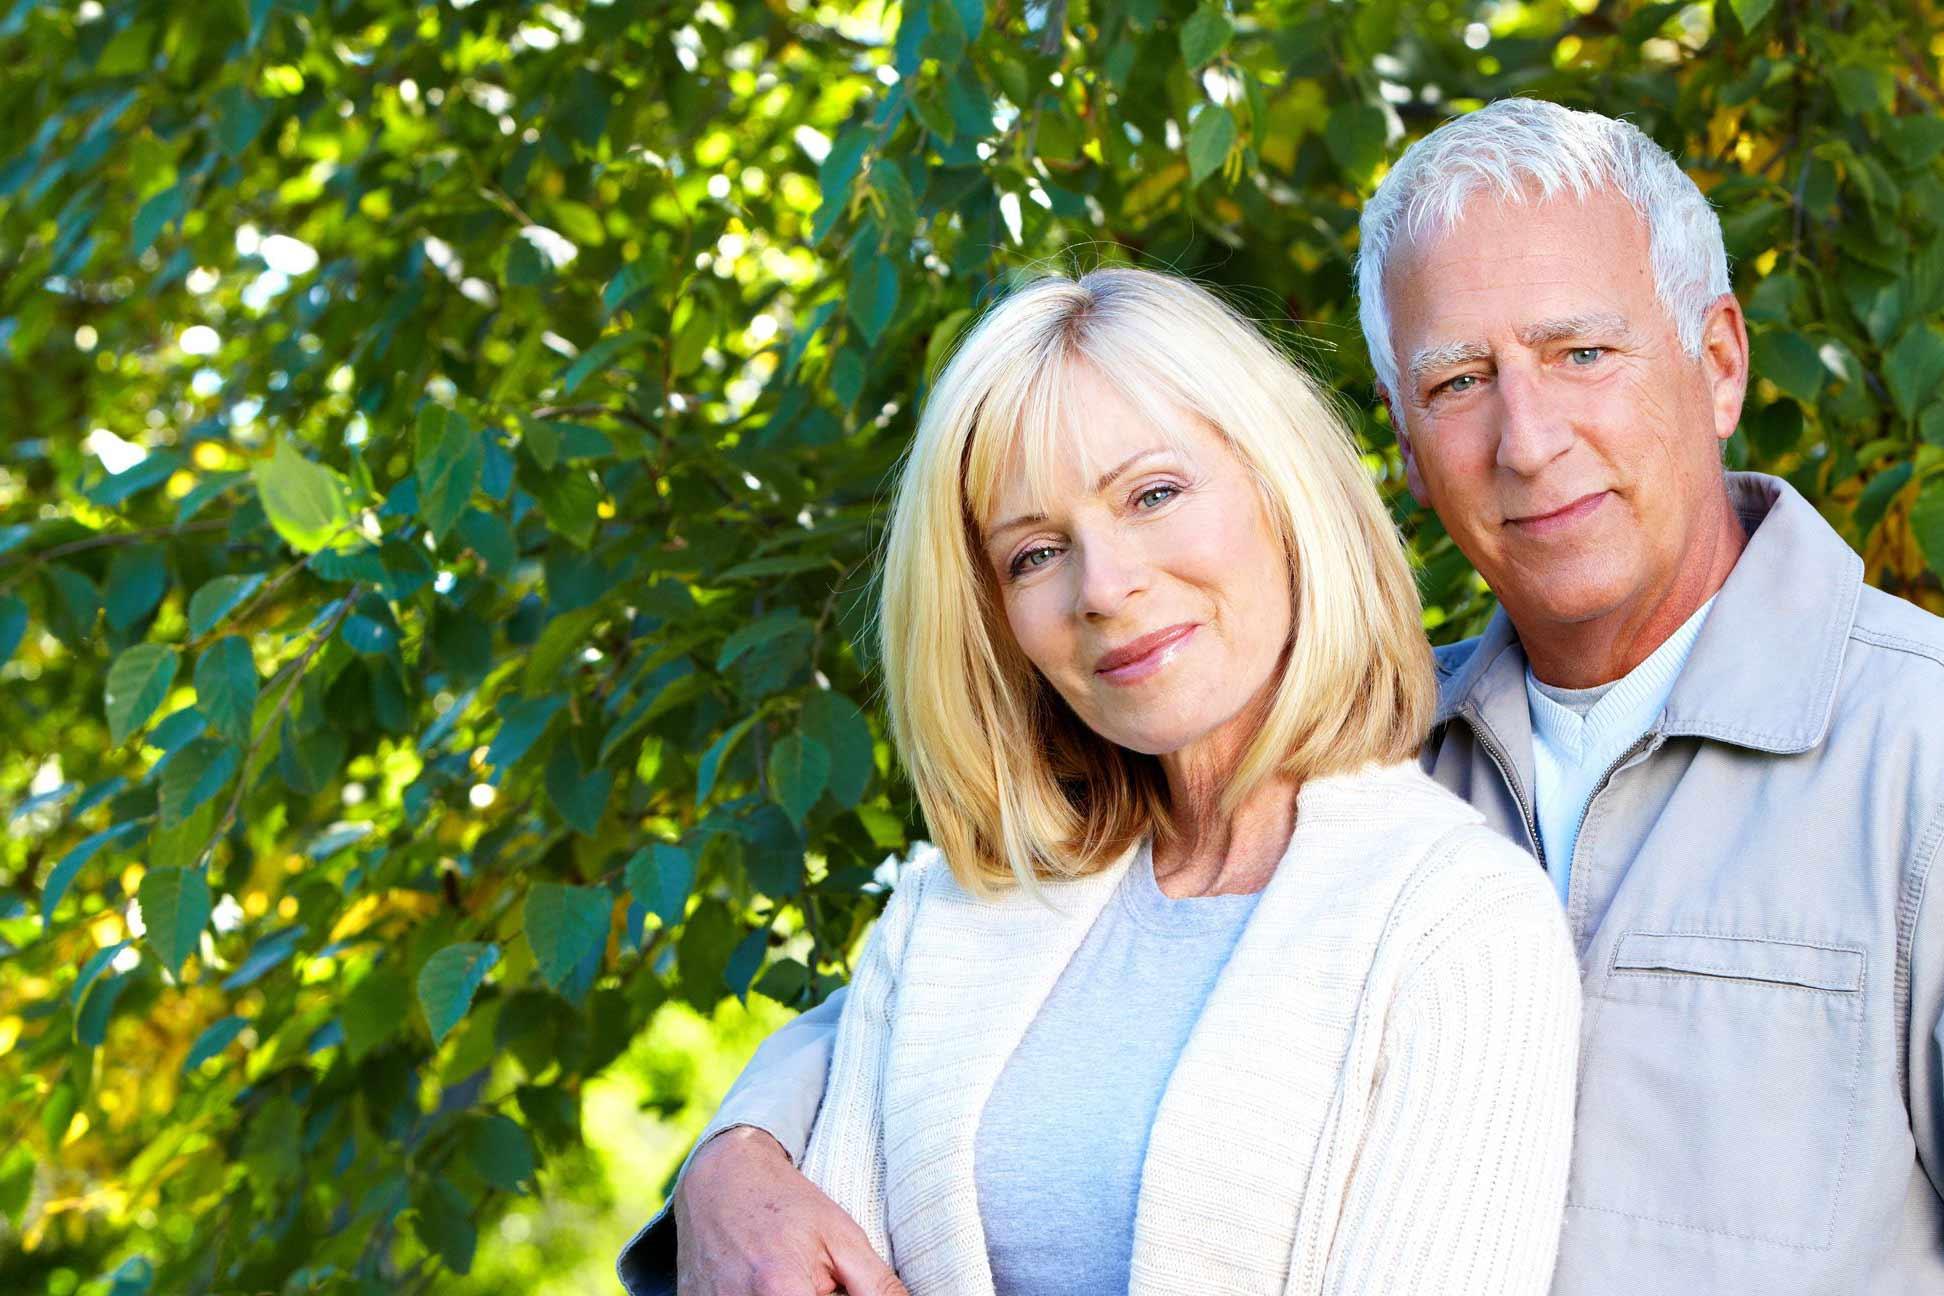 Steuerberatung für Senioren, Rentner, Pensionäre, Ruheständler